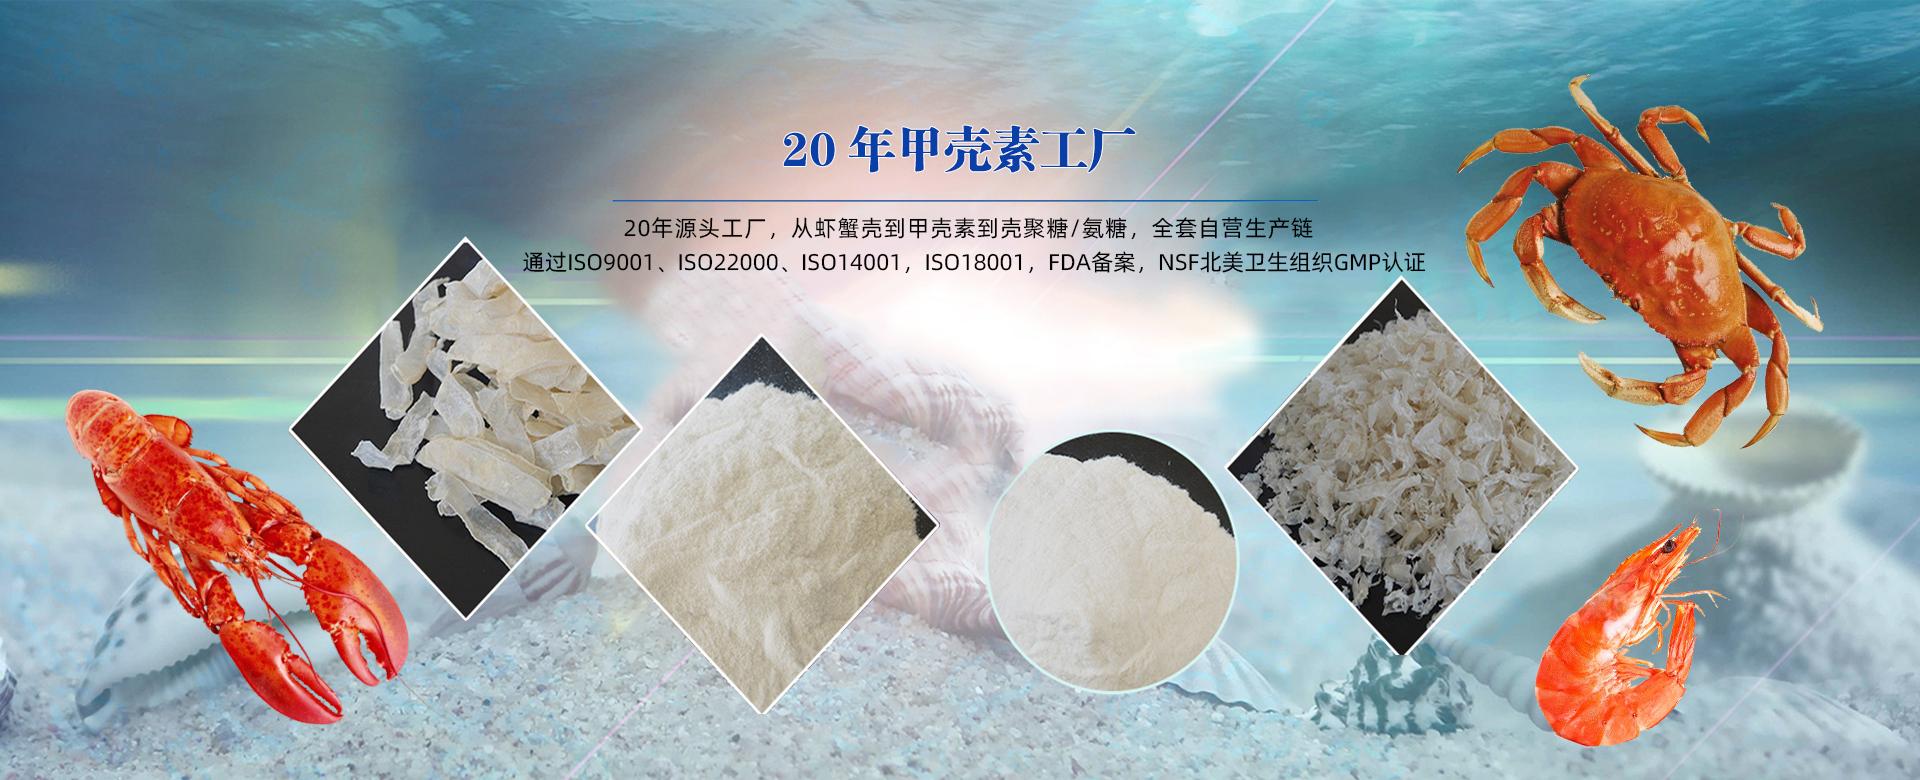 壳聚糖价格,壳聚糖厂家,化妆品壳聚糖